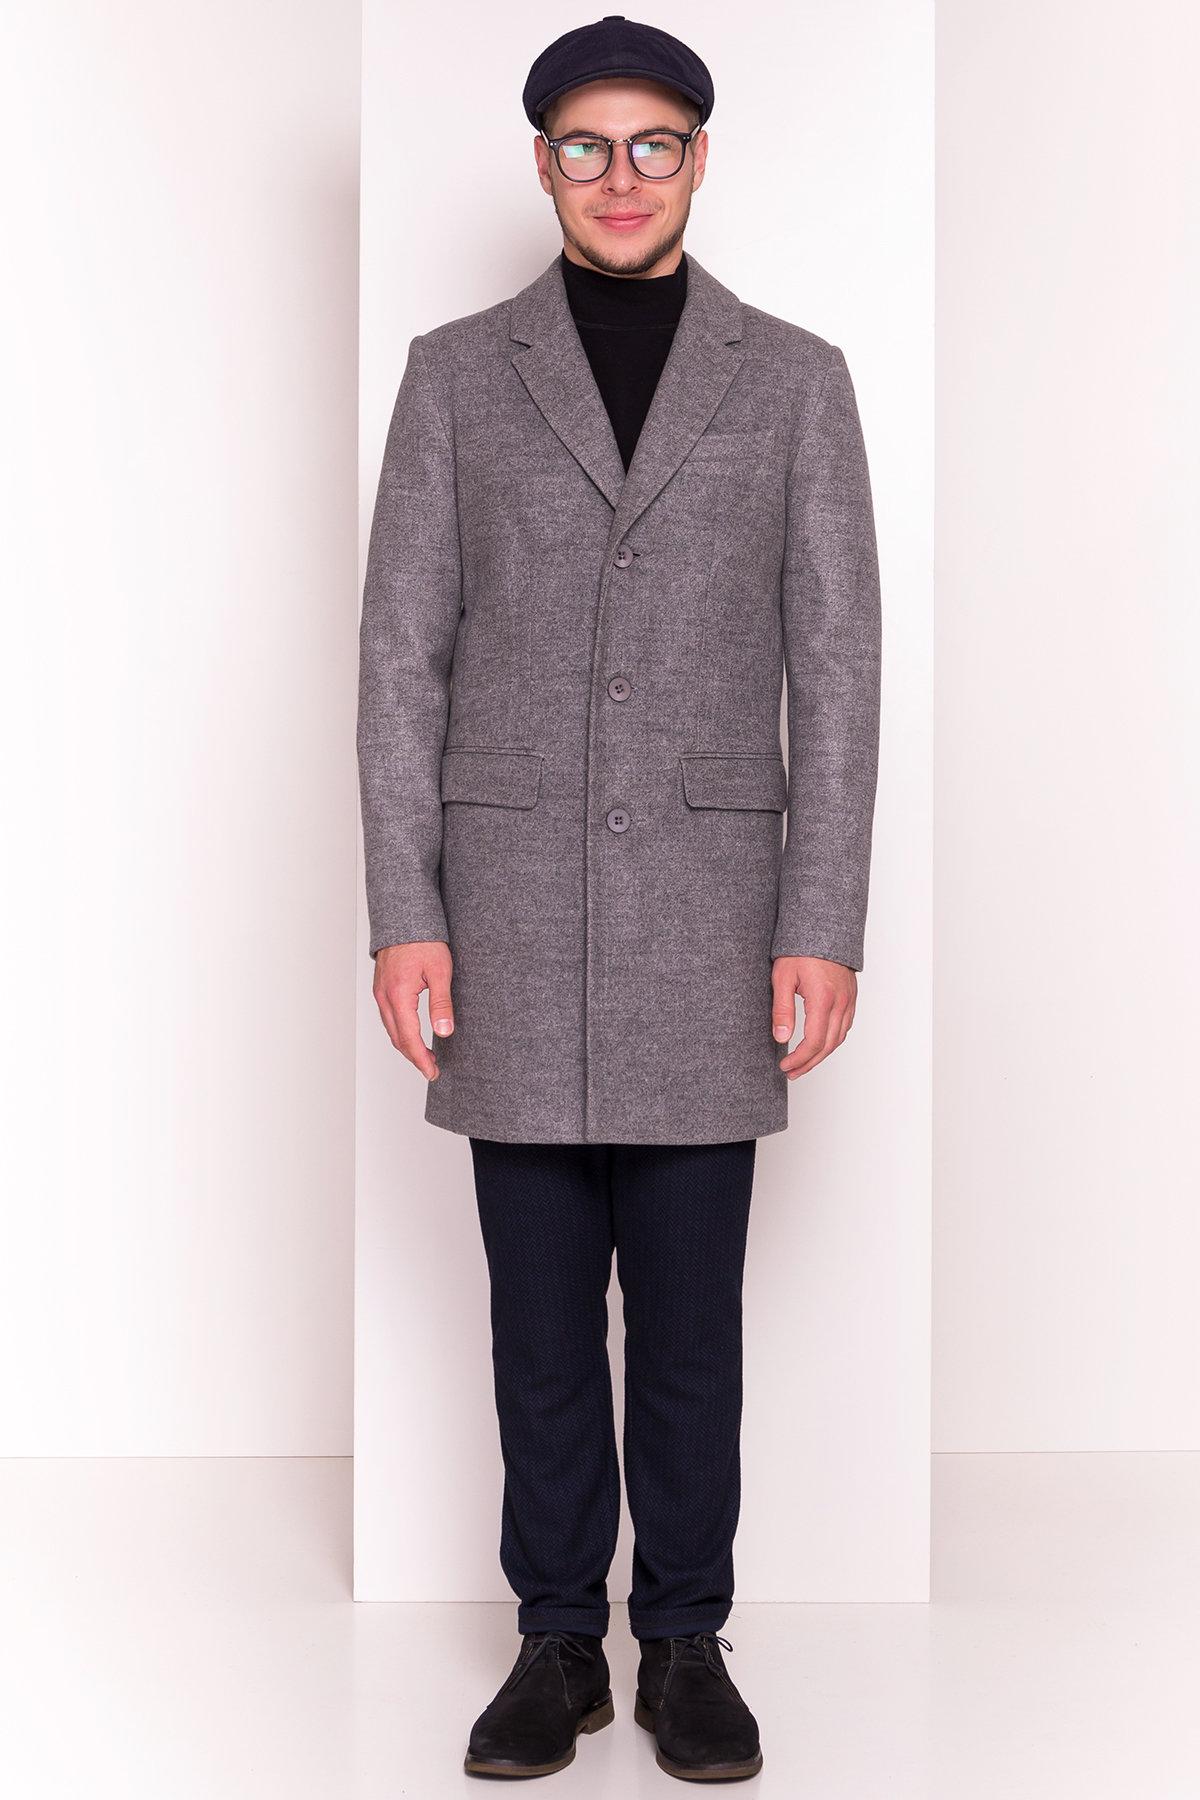 Пальто мужское Пако 5235 АРТ. 36435 Цвет: Серый - фото 2, интернет магазин tm-modus.ru